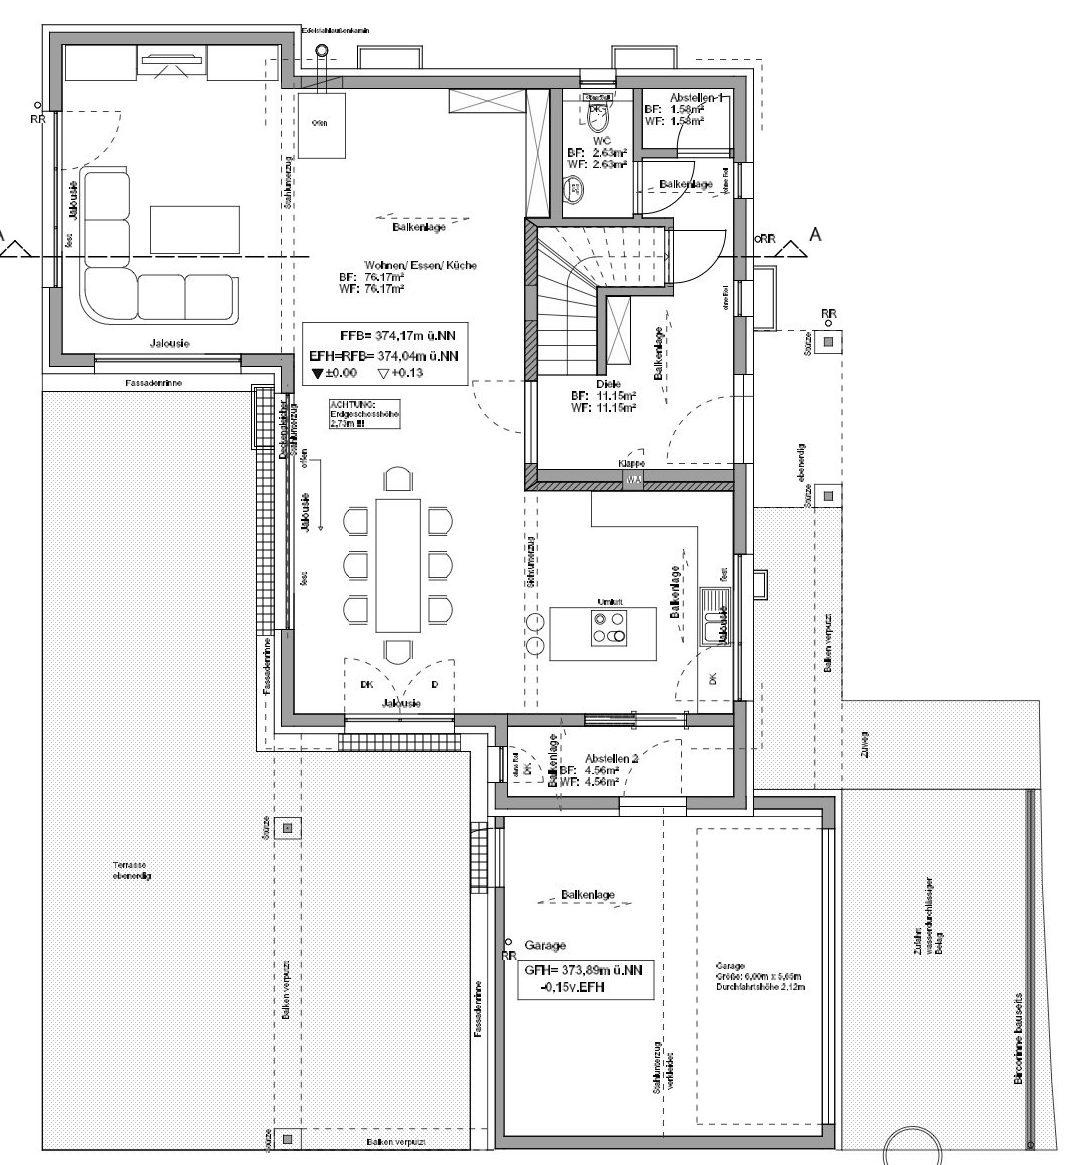 Kundenhaus Mahl - Eine Nahaufnahme von einer Karte - Gebäudeplan